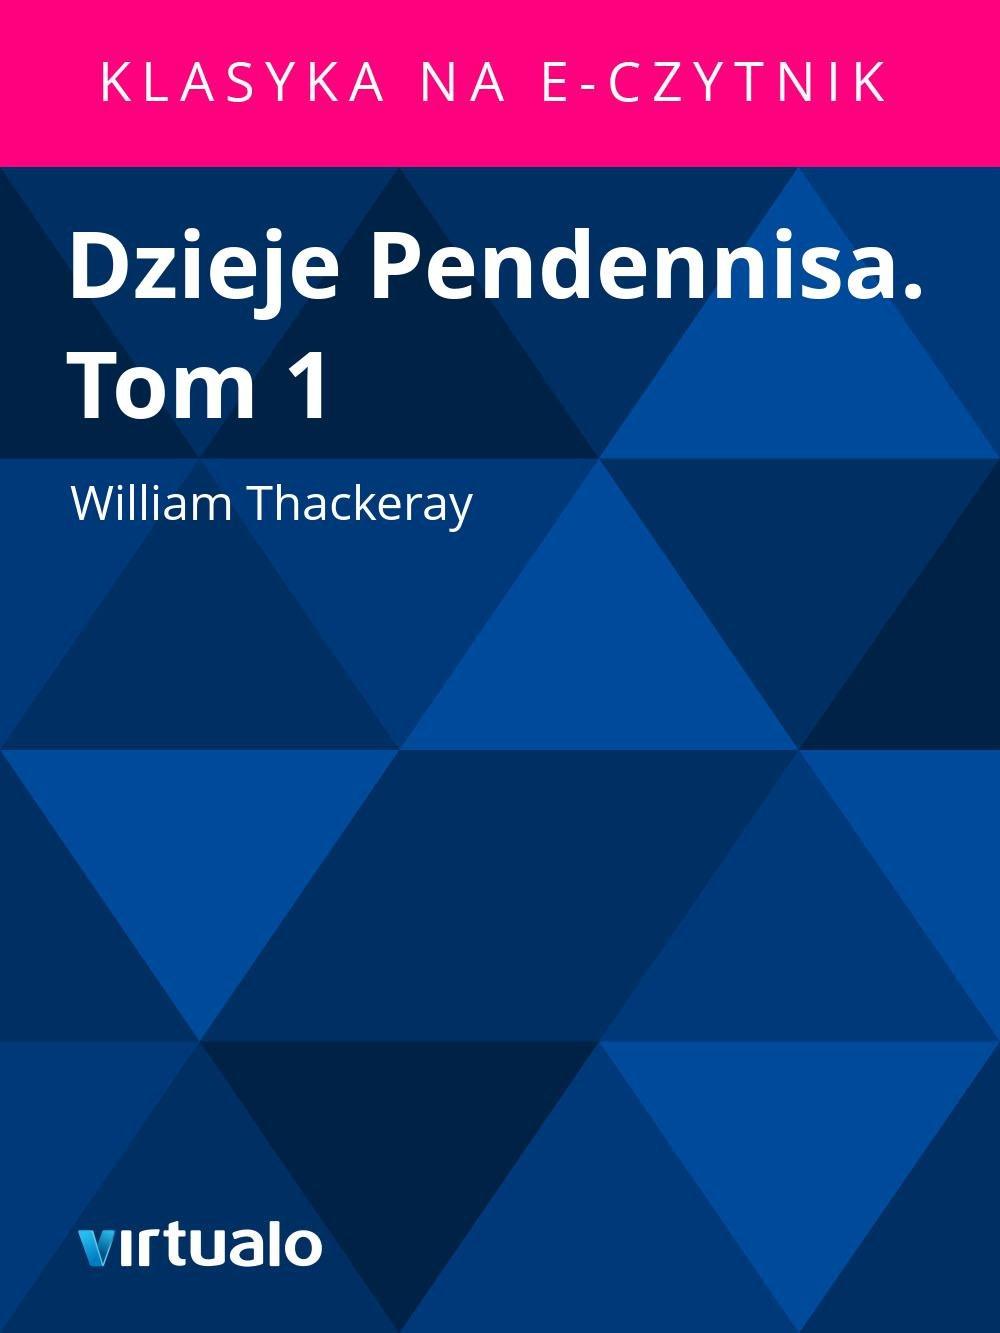 Dzieje Pendennisa. Tom 1 - Ebook (Książka EPUB) do pobrania w formacie EPUB